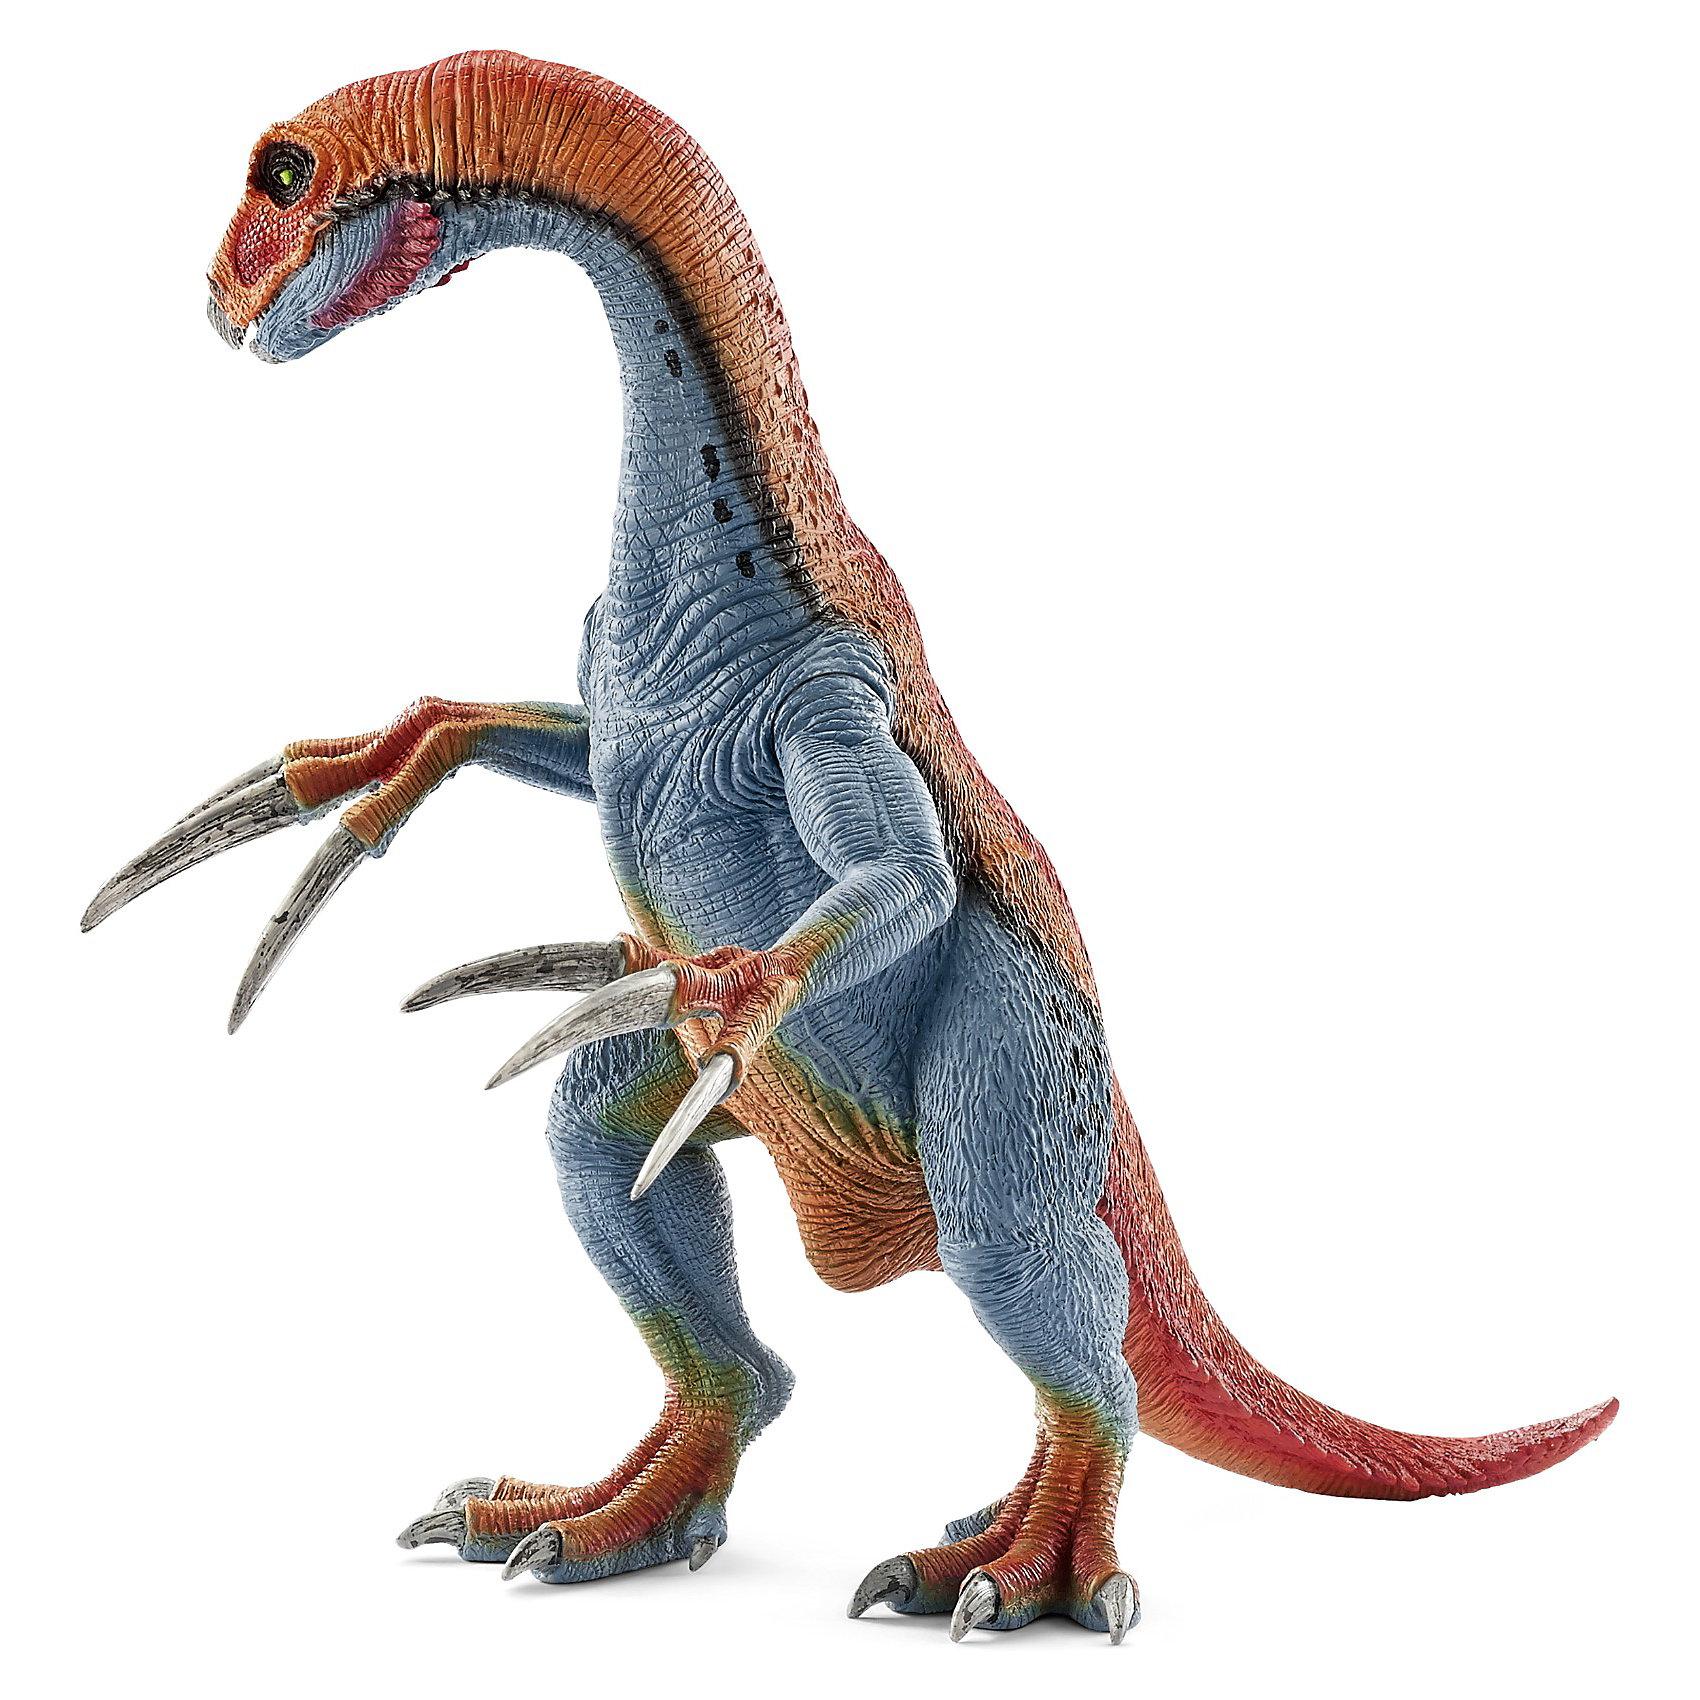 Теризинозавр, SchleichТеризинозавр -огромный (до 9-12 метров в длину) динозавр, живший на Земле около70 млн. лет назад. Его отличительной особенностью были огромные когти, длина которых составляла половину роста взрослого человека.<br>Предназначение когтей неизвестно, однако ученые полагают, что динозавр использовал их для самообороны.<br>Фигурка динозавра имеет подвижные когти и нижняя челюсть, благодаря чему игра станет еще интереснее и увлекательнее.<br><br>Дополнительная информация:<br><br>- Размеры: 19,5 x 13,5 x 19,5 см<br>- Материал: каучуковый пластик<br><br>Фигурку Теризинозавра, Schleich (Шляйх) можно купить в нашем магазине.<br><br>Ширина мм: 263<br>Глубина мм: 144<br>Высота мм: 129<br>Вес г: 287<br>Возраст от месяцев: 36<br>Возраст до месяцев: 96<br>Пол: Мужской<br>Возраст: Детский<br>SKU: 3539482